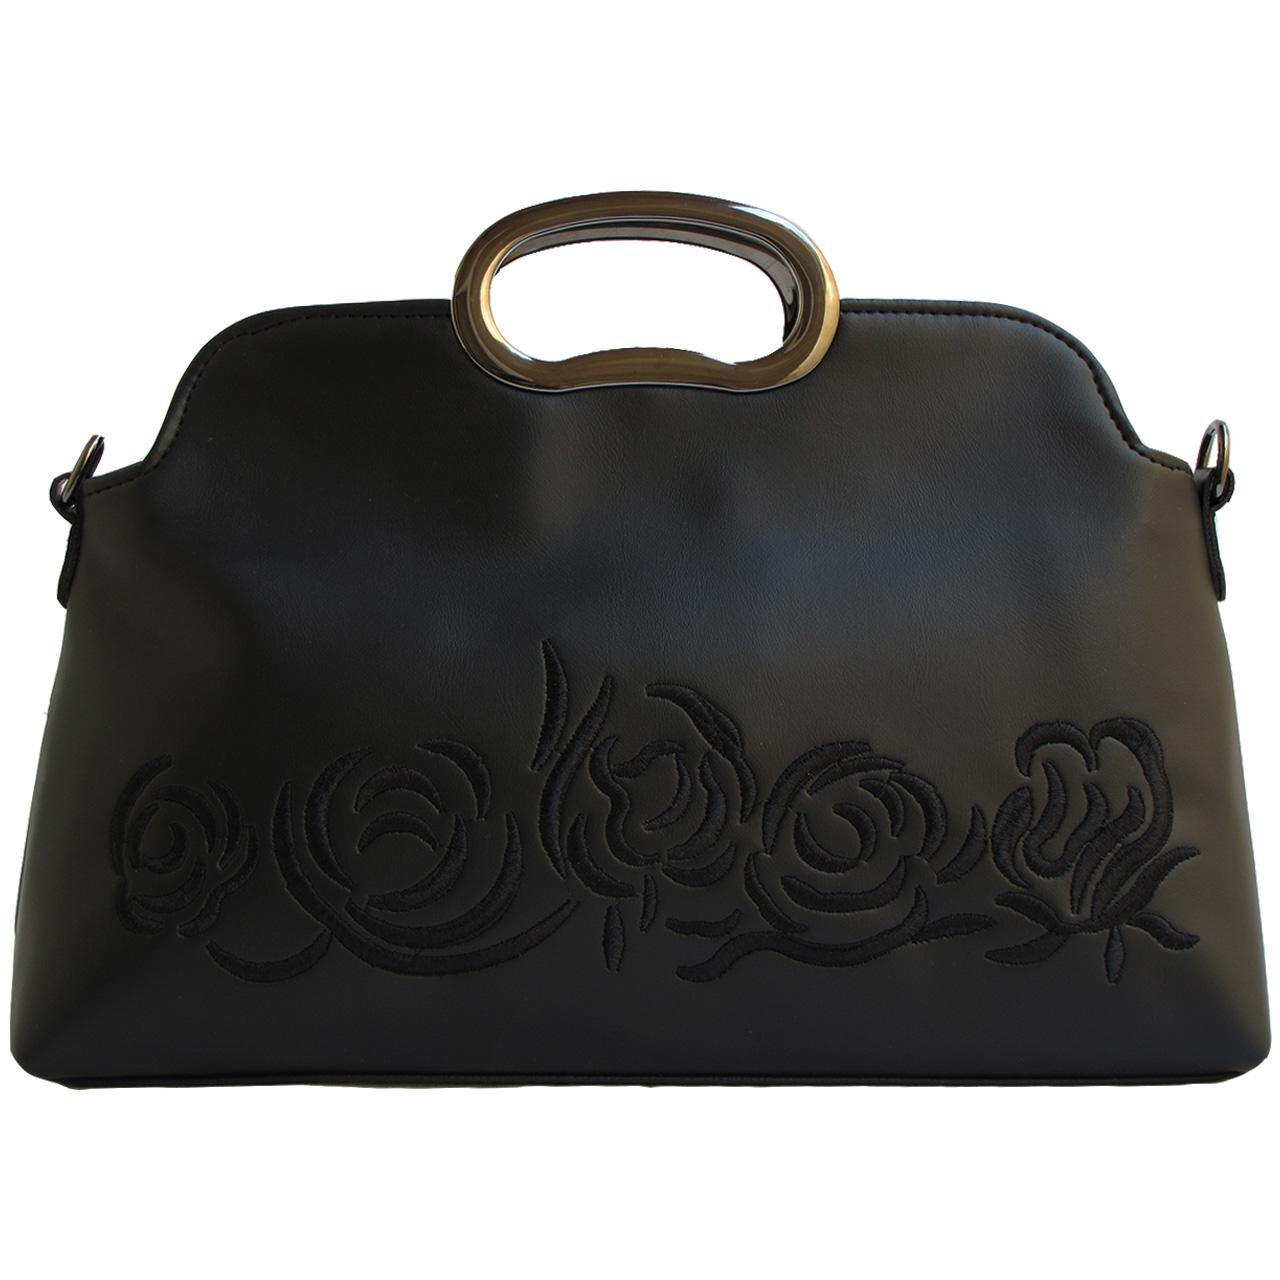 کیف دستی زنانه مدل یونیک 243